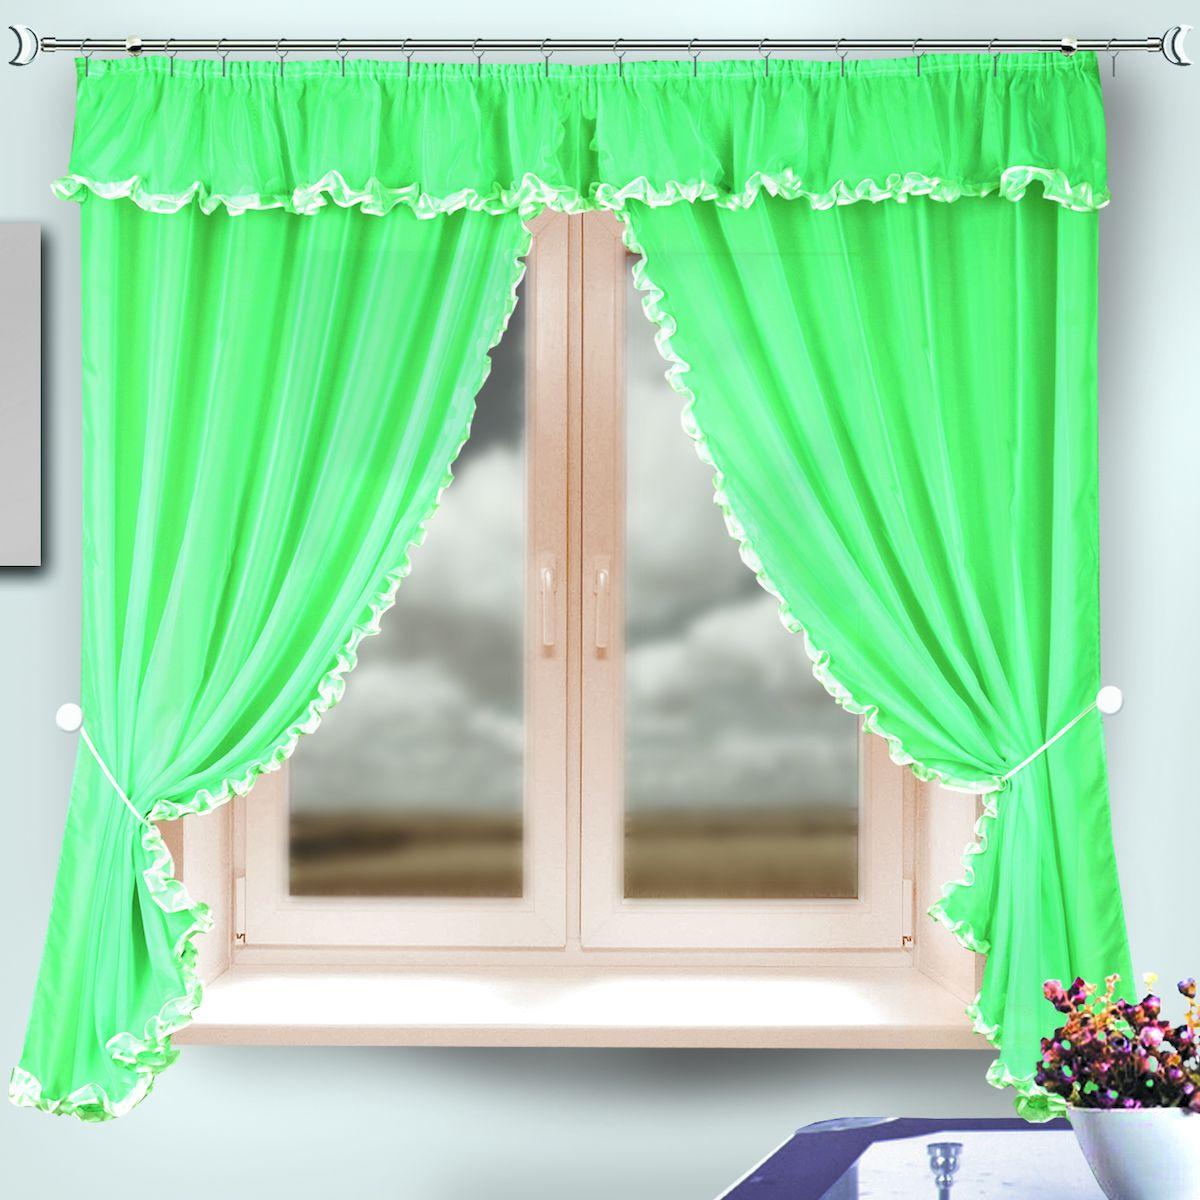 Комплект штор для кухни Zlata Korunka, на ленте, цвет: зеленый, высота 170 см. 3333133331Комплект штор для кухни Zlata Korunka, выполненный из полиэстера, великолепно украсит любое окно. Комплект состоит из 2 штор и ламбрекена. Классический крой и приятная цветовая гамма привлекут к себе внимание и органично впишутся в интерьер помещения. Этот комплект будет долгое время радовать вас и вашу семью!Комплект крепится на карниз при помощи ленты, которая поможет красиво и равномерно задрапировать верх.В комплект входит: Штора: 2 шт. Размер (Ш х В): 140 х 170 см.Ламбрекен: 1 шт. Размер (Ш х В): 290 х 30 см.